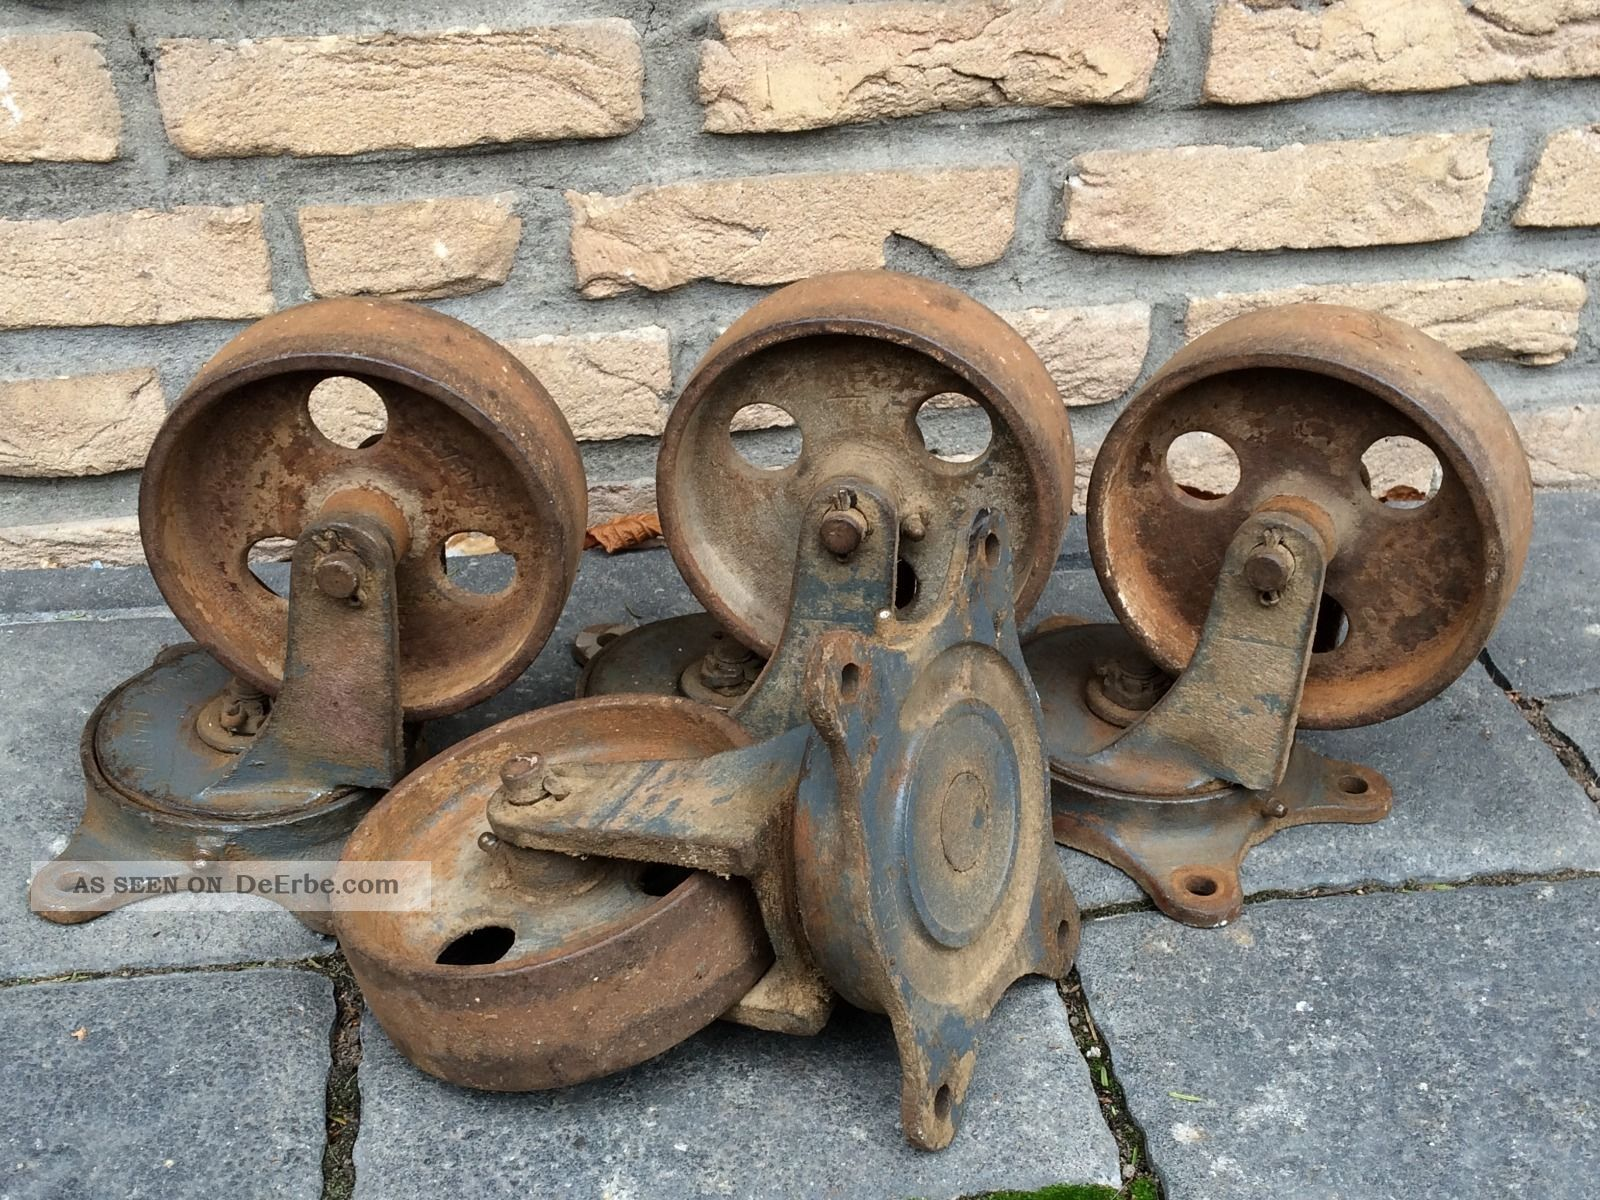 4 Alte Rostige Antike Eisenräder (rollen) Vintage,  Paletten Möbel,  Funktionsfähig Original, vor 1960 gefertigt Bild